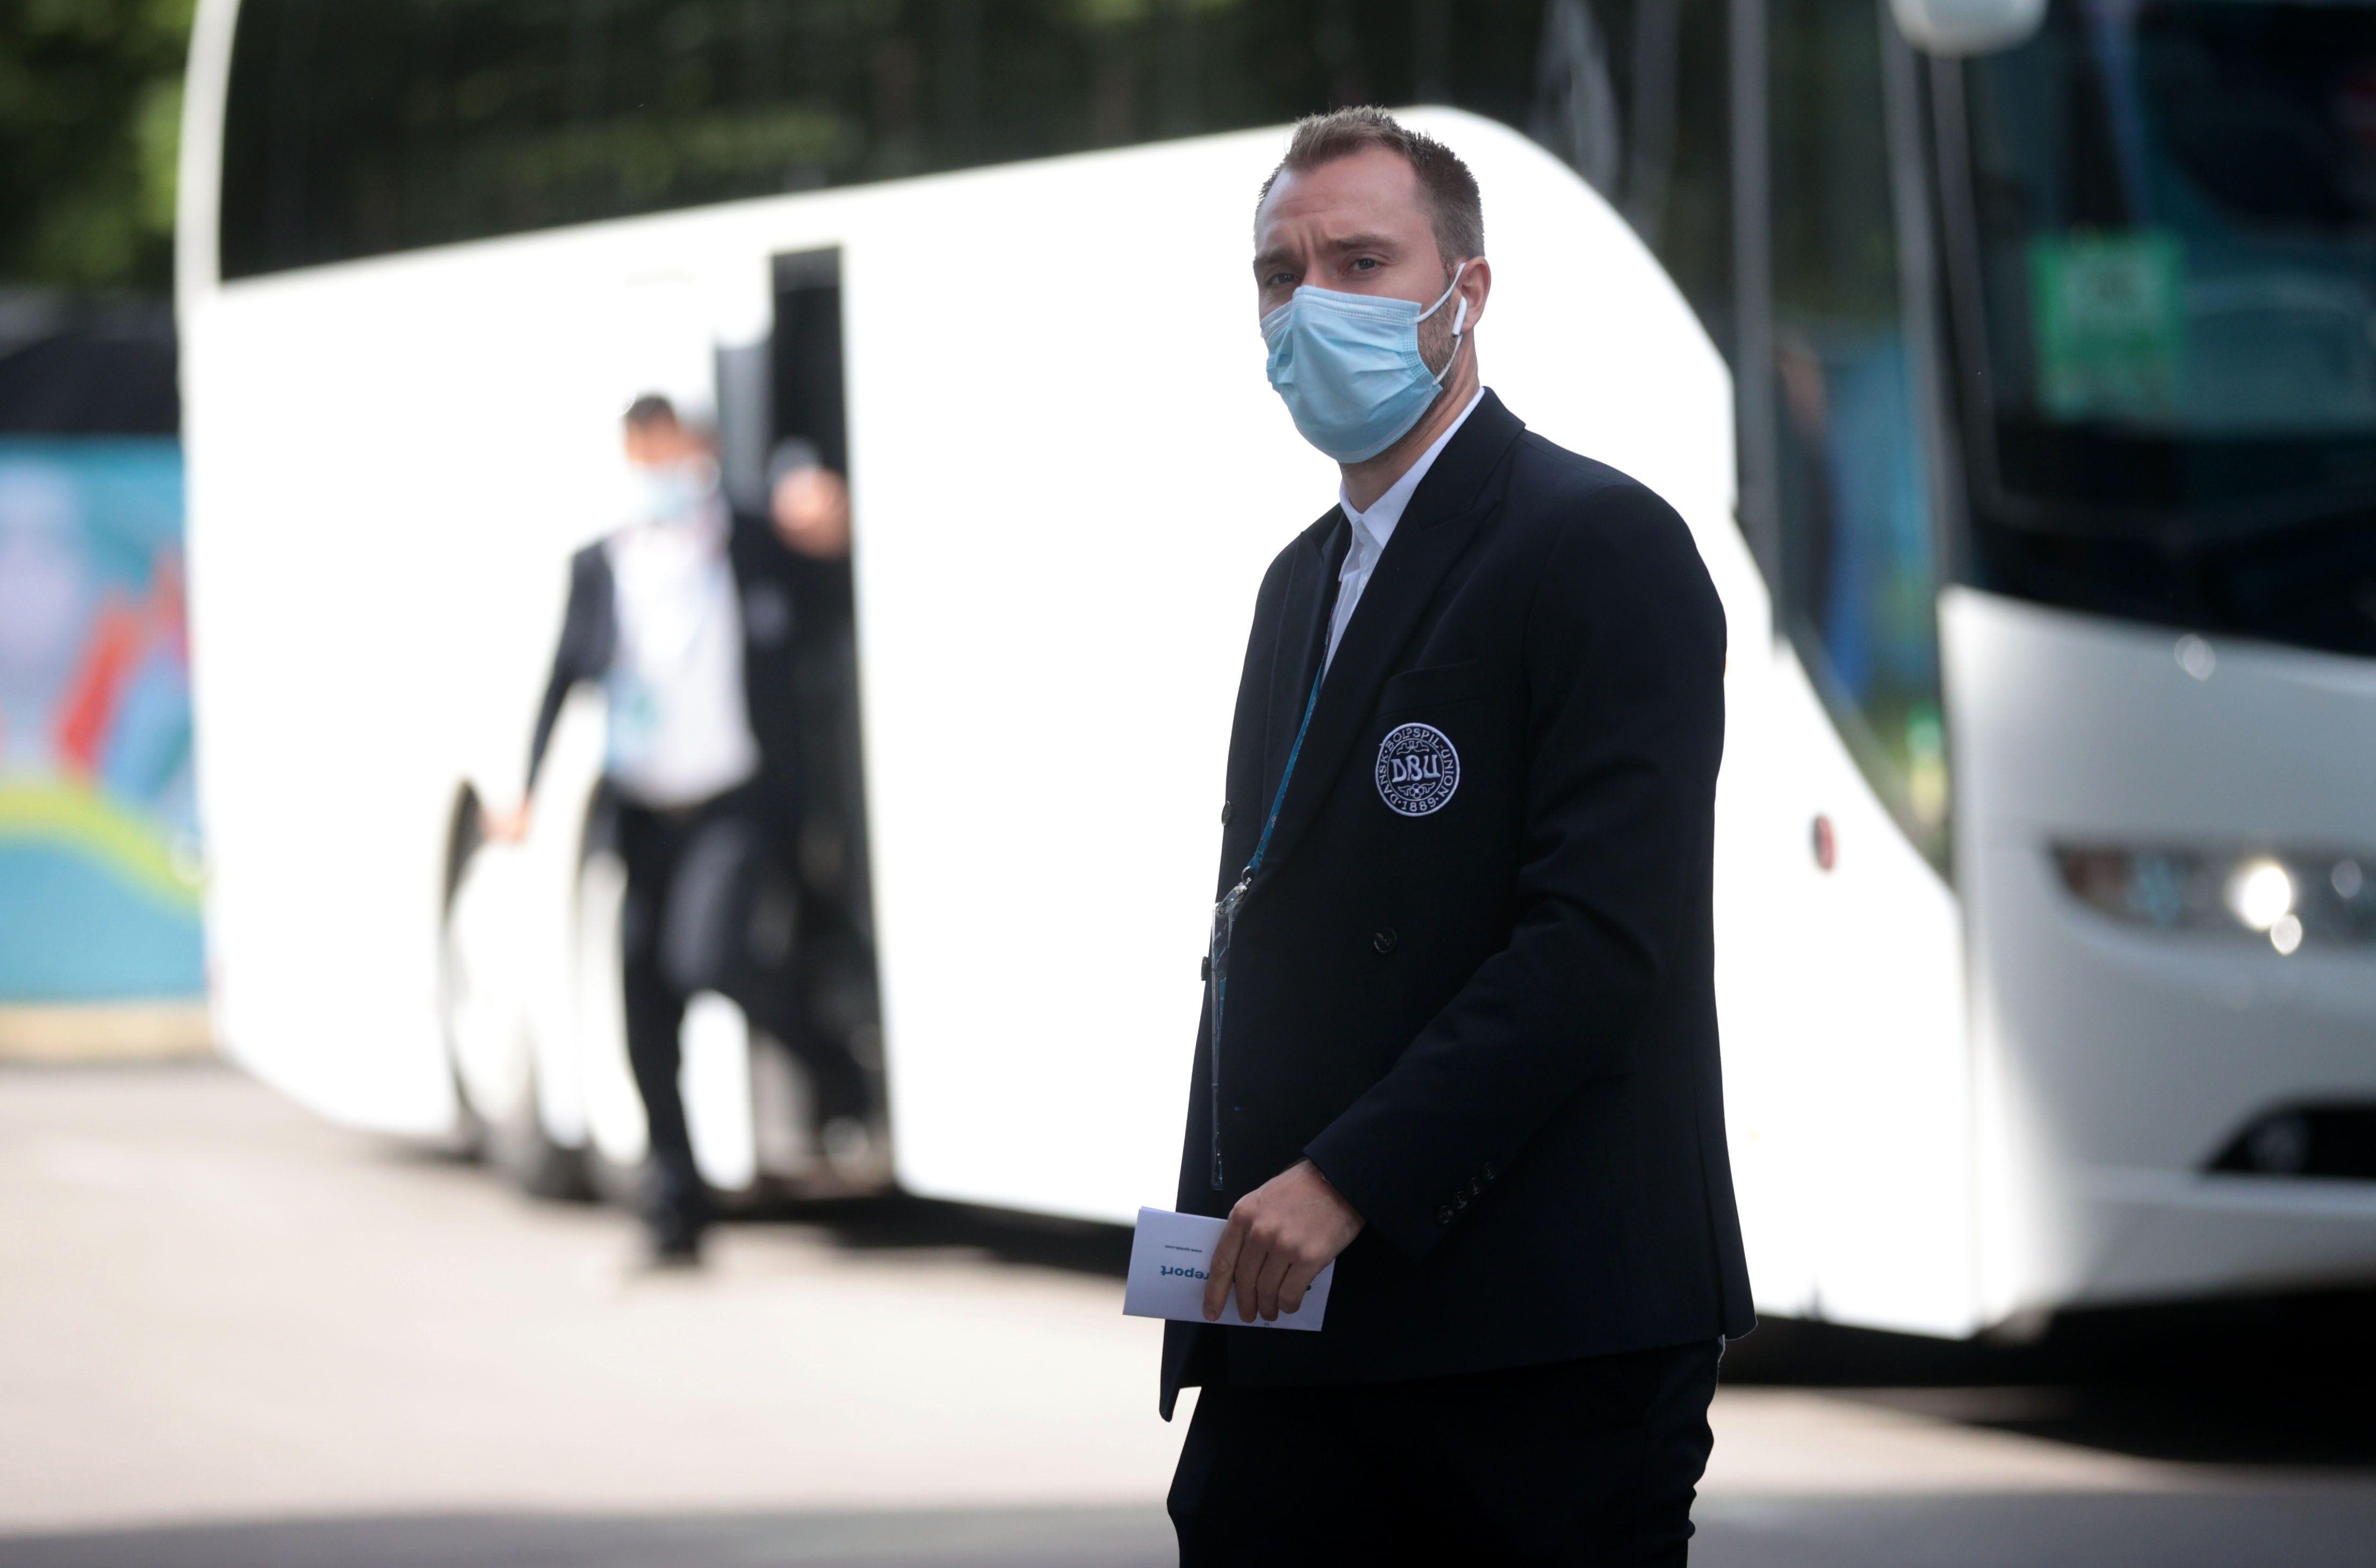 Christian Eriksen en el arribo al estadio Parken de Copenhague, donde fue suspendido Dinamarca-Finlandia tras su desvanecimiento (REUTERS/Hannah Mckay)